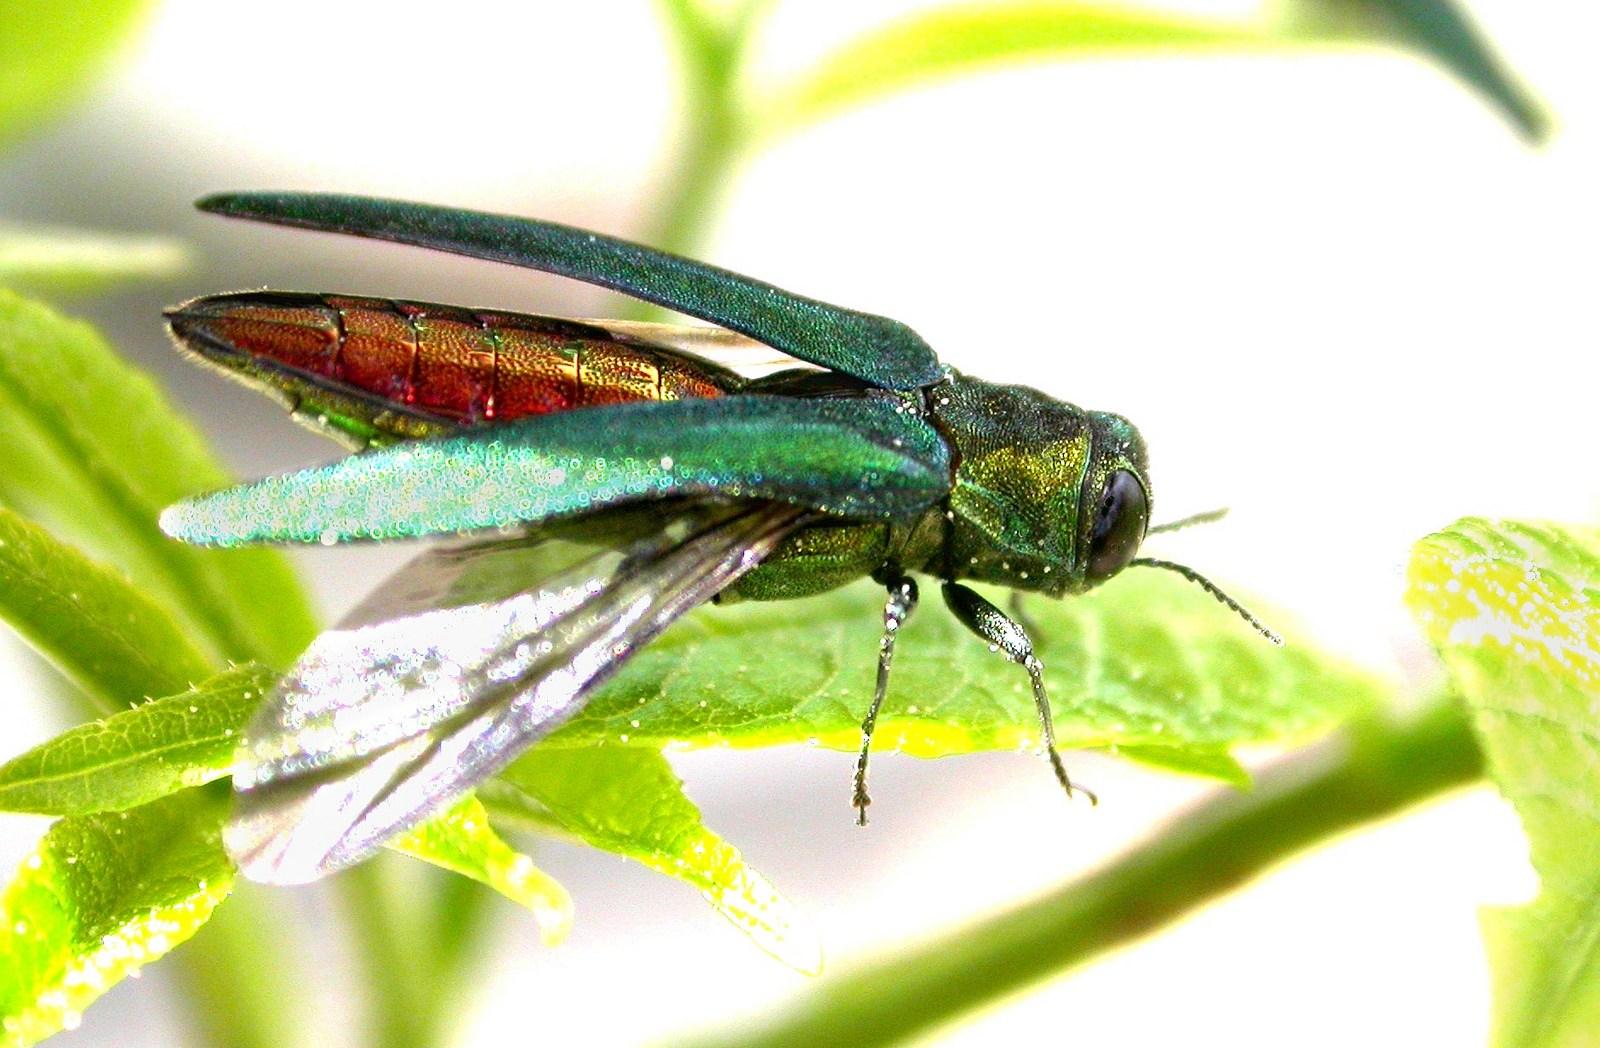 В Брянской области из-за опасного насекомого введен карантин